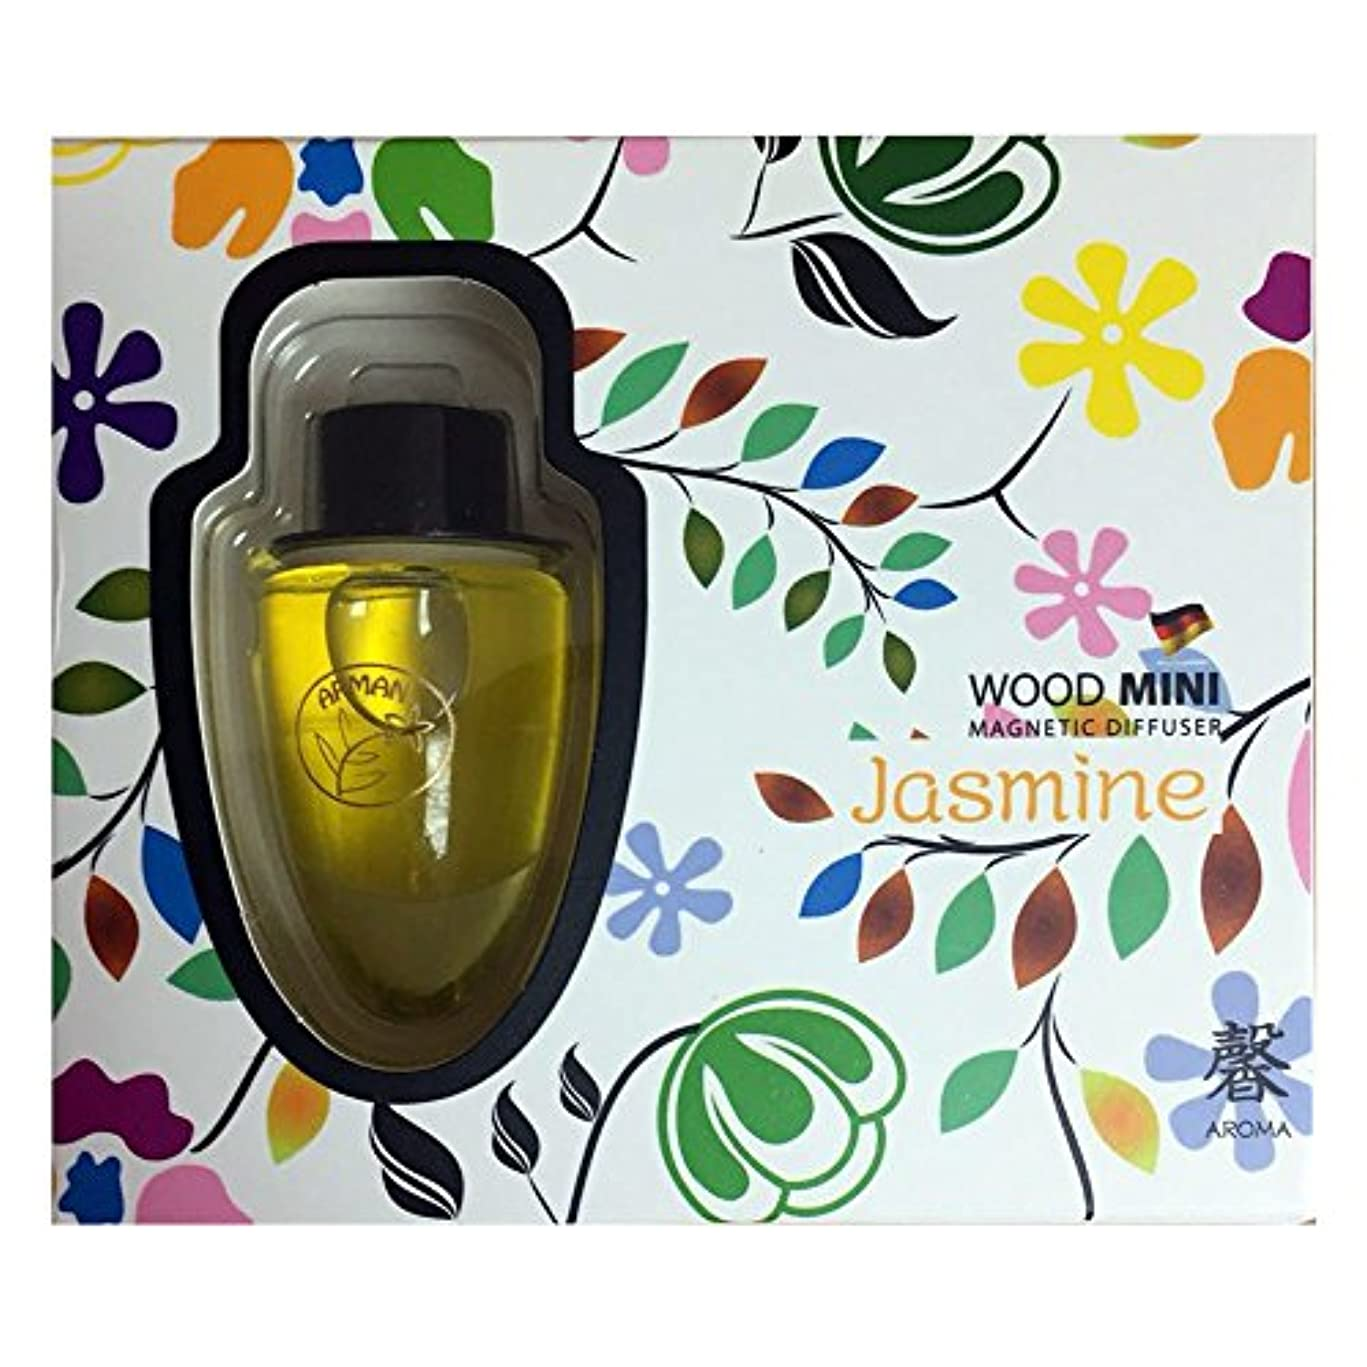 変動する無声でオート香りの王様と言われるほど、濃厚な甘さのフローラルな香り!「カオルアロマウッドミニ(マグネット)」ジャスミンの香り